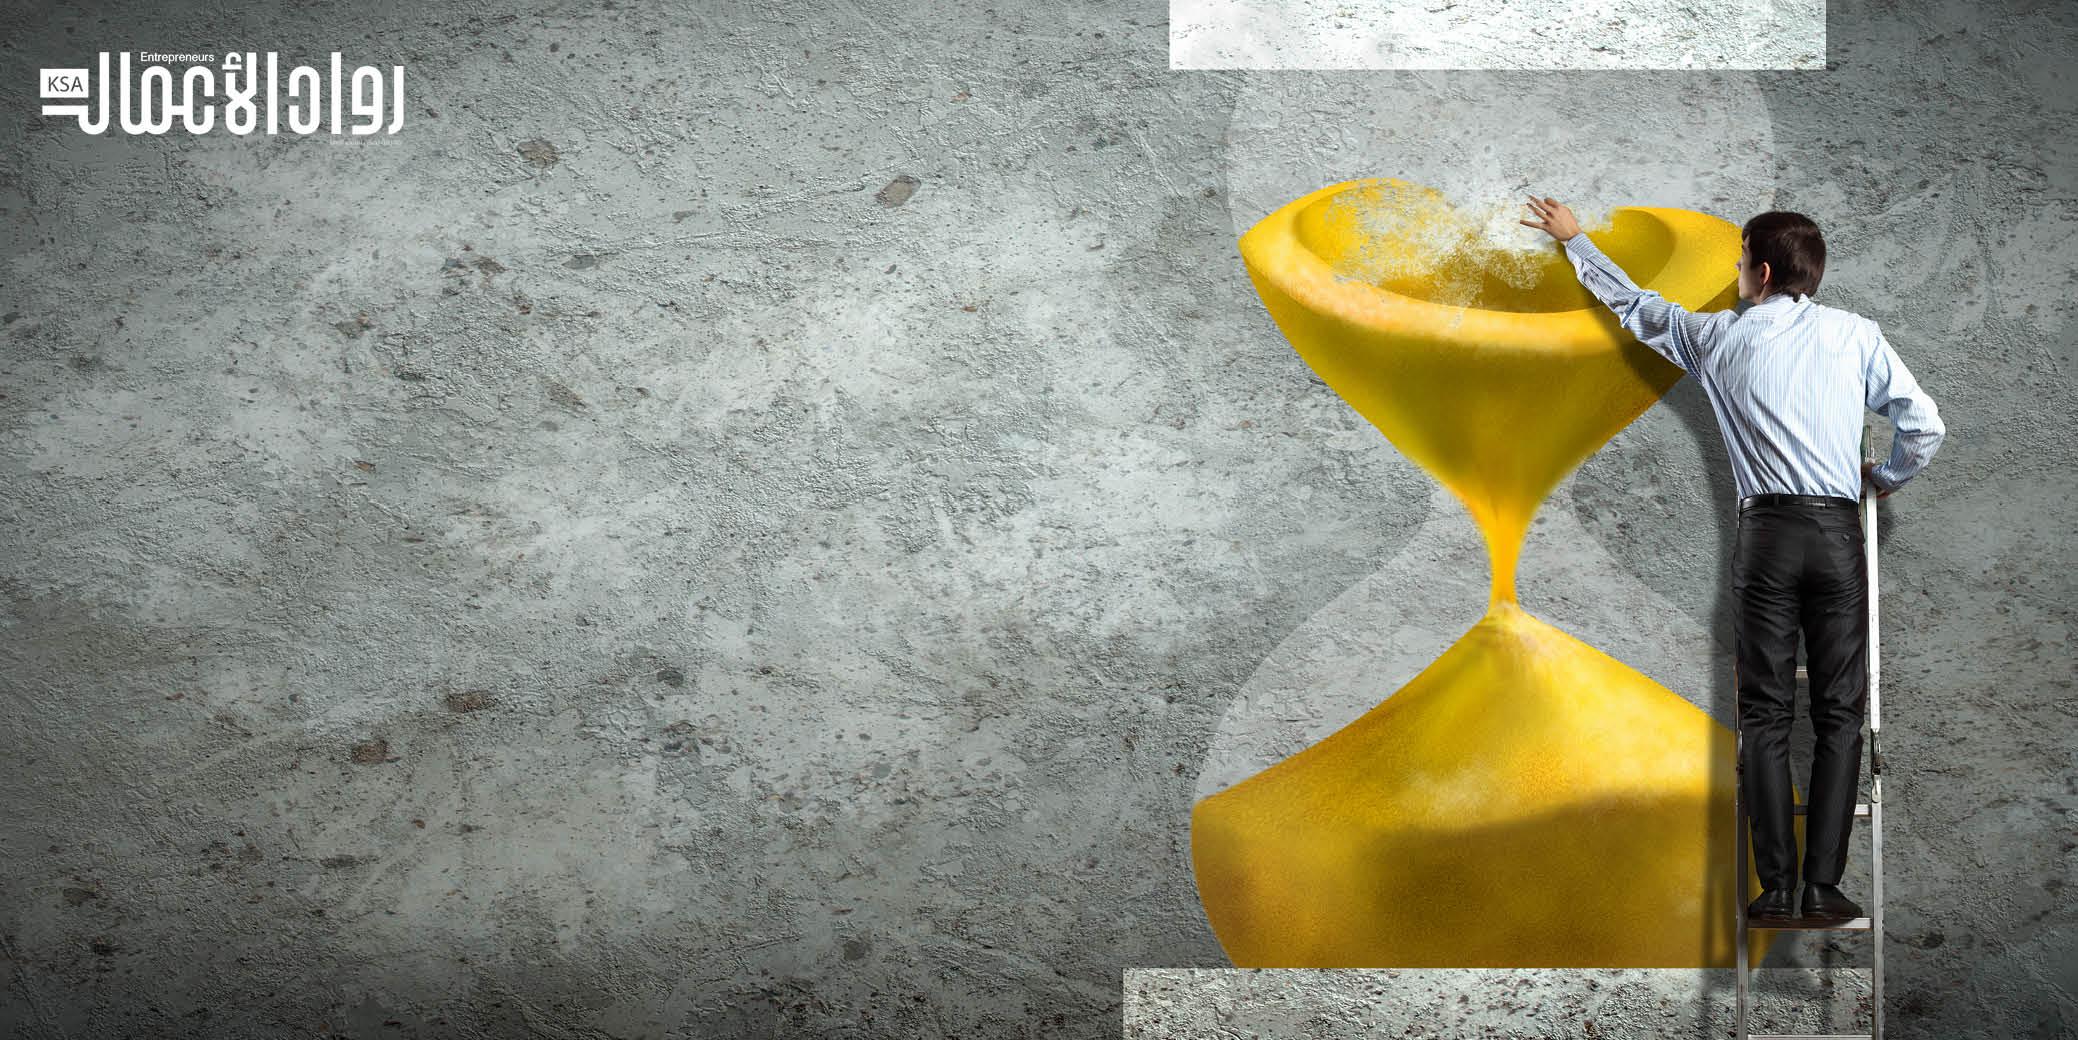 حماية الوقت